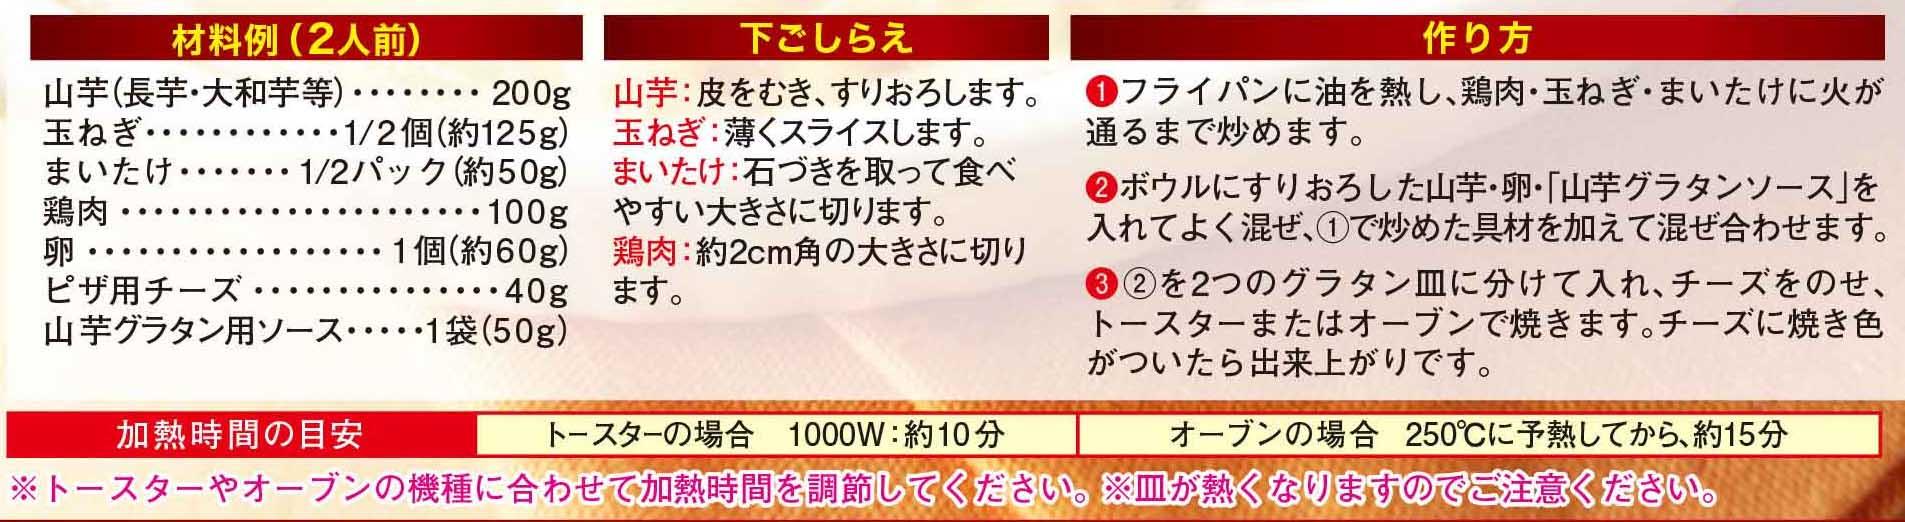 山芋グラタン用ソースレシピ